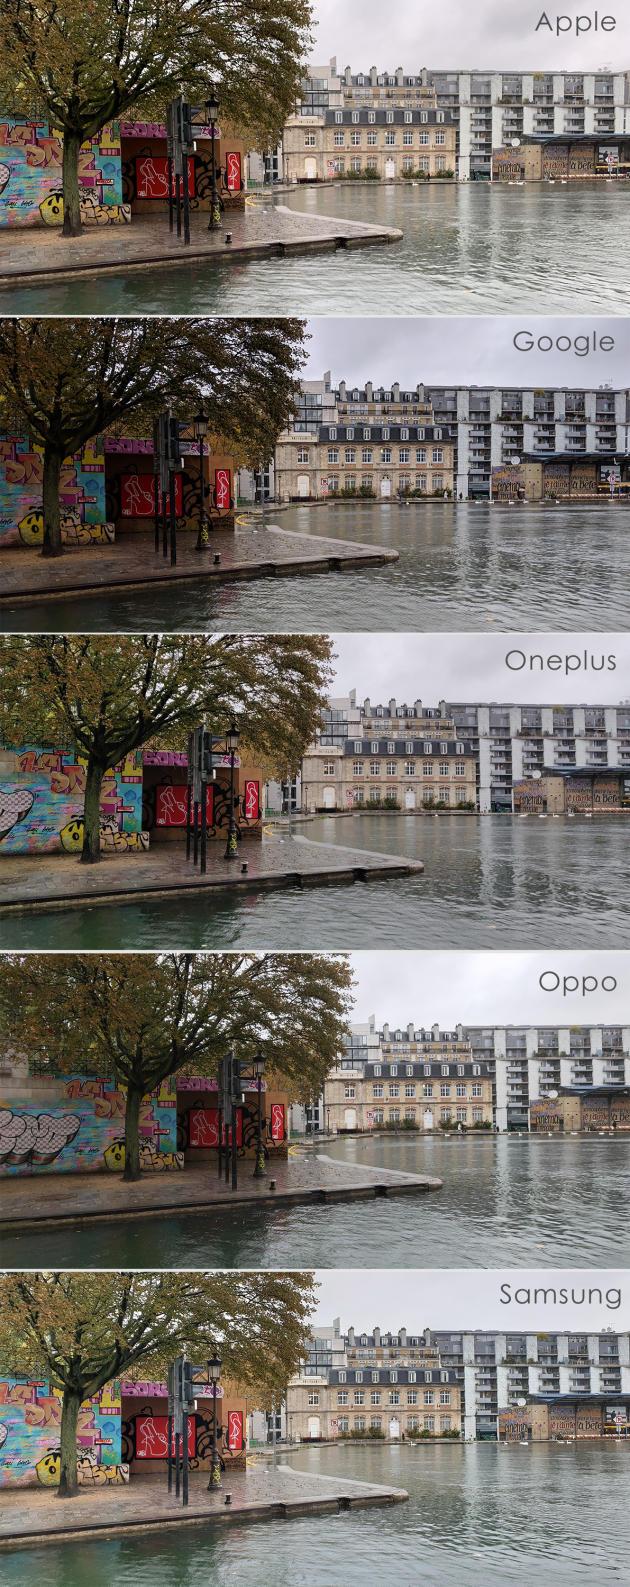 Sous la pluie, le Samsung et l'iPhone capturent une image plus claire, comme souvent.